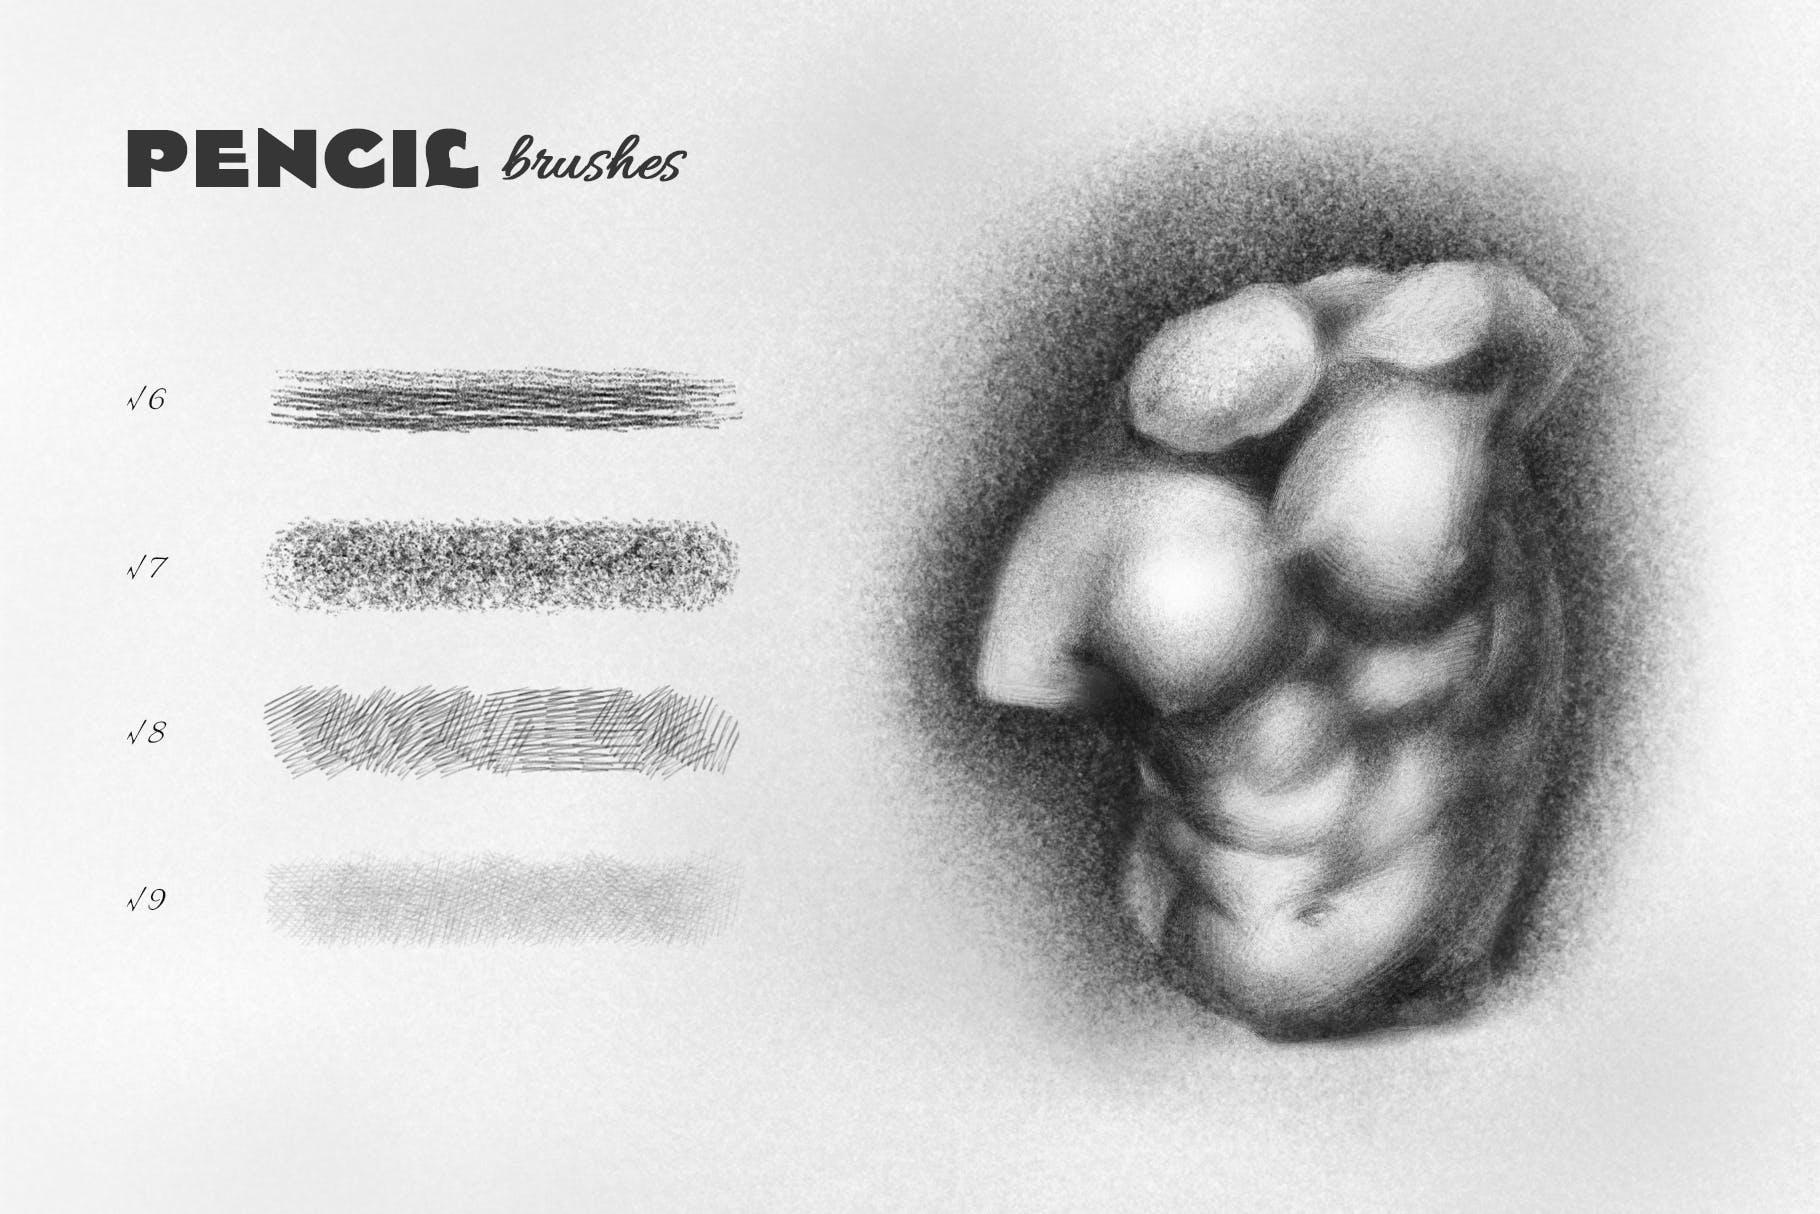 25款专业铅笔素描草图绘画PS笔刷素材套装 Pencil Photoshop Brushes插图(2)